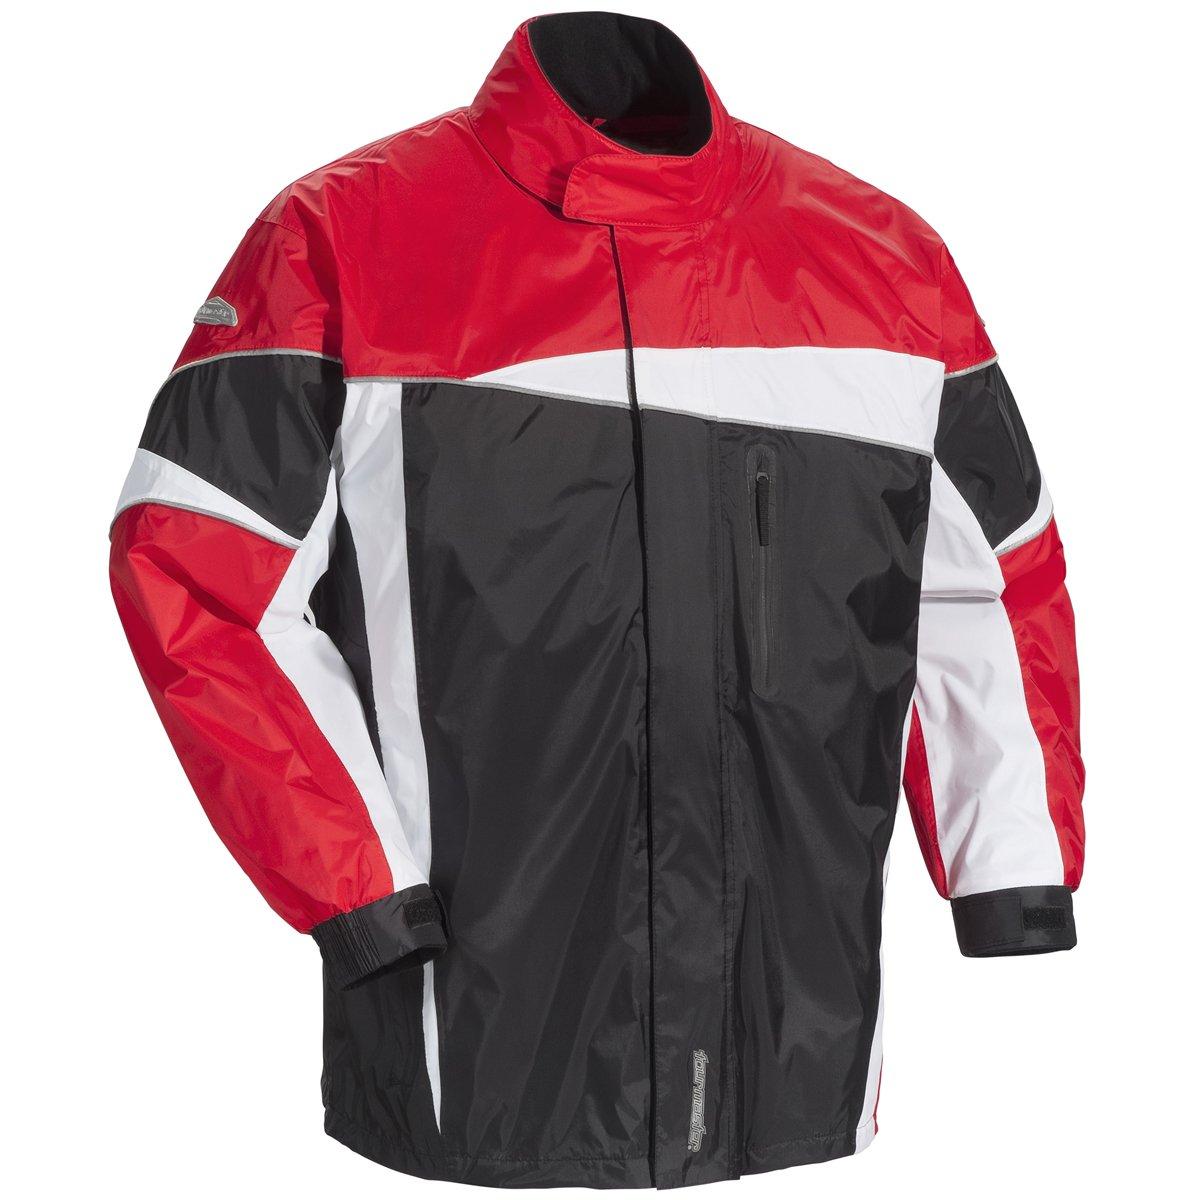 Tour Master Defender 2.0 Men's Street Bike Racing Motorcycle Rainsuit - Black/Red X-Large